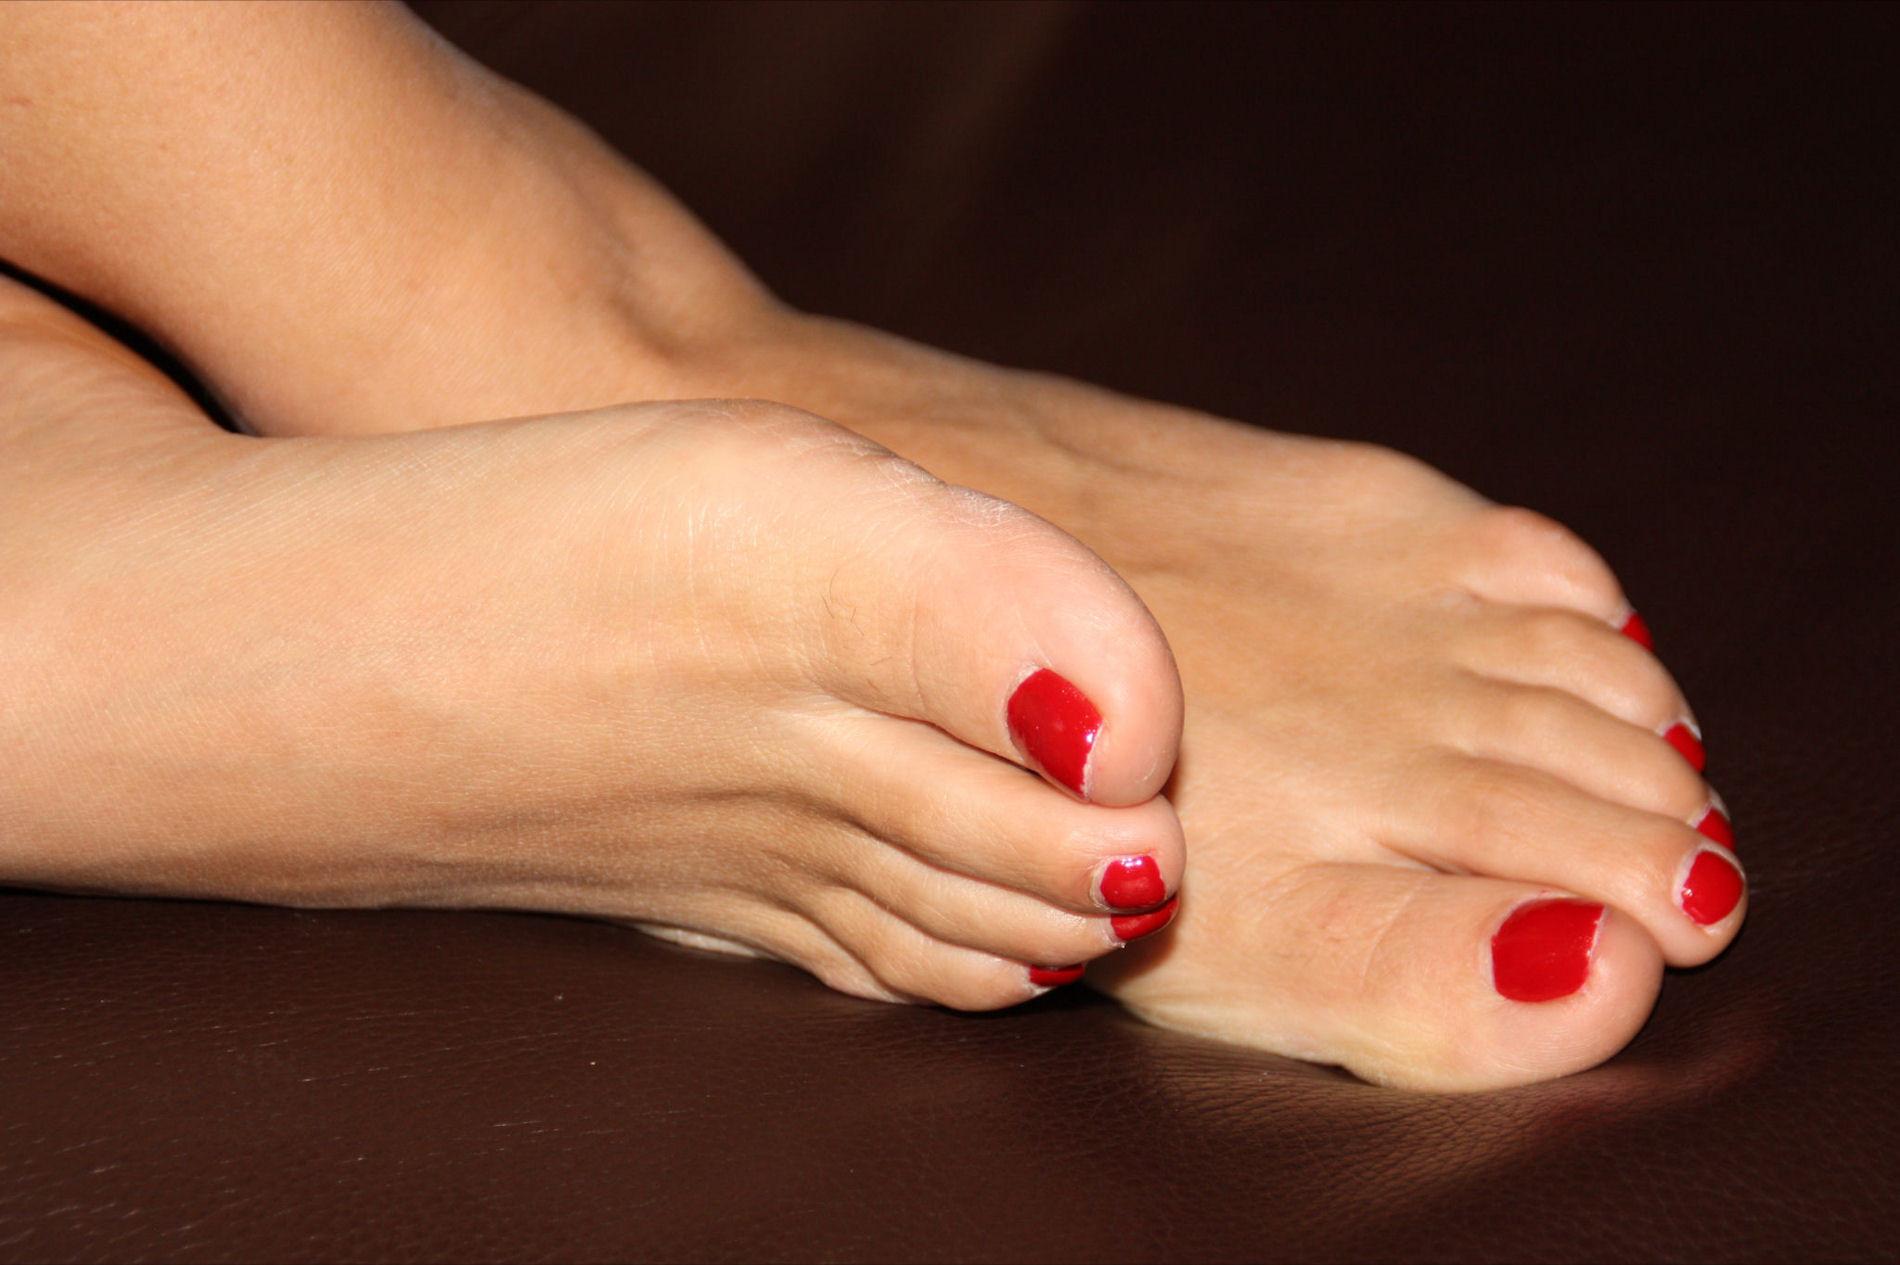 кого-то эта качественные фото женских пальчиков ног удалось поймать